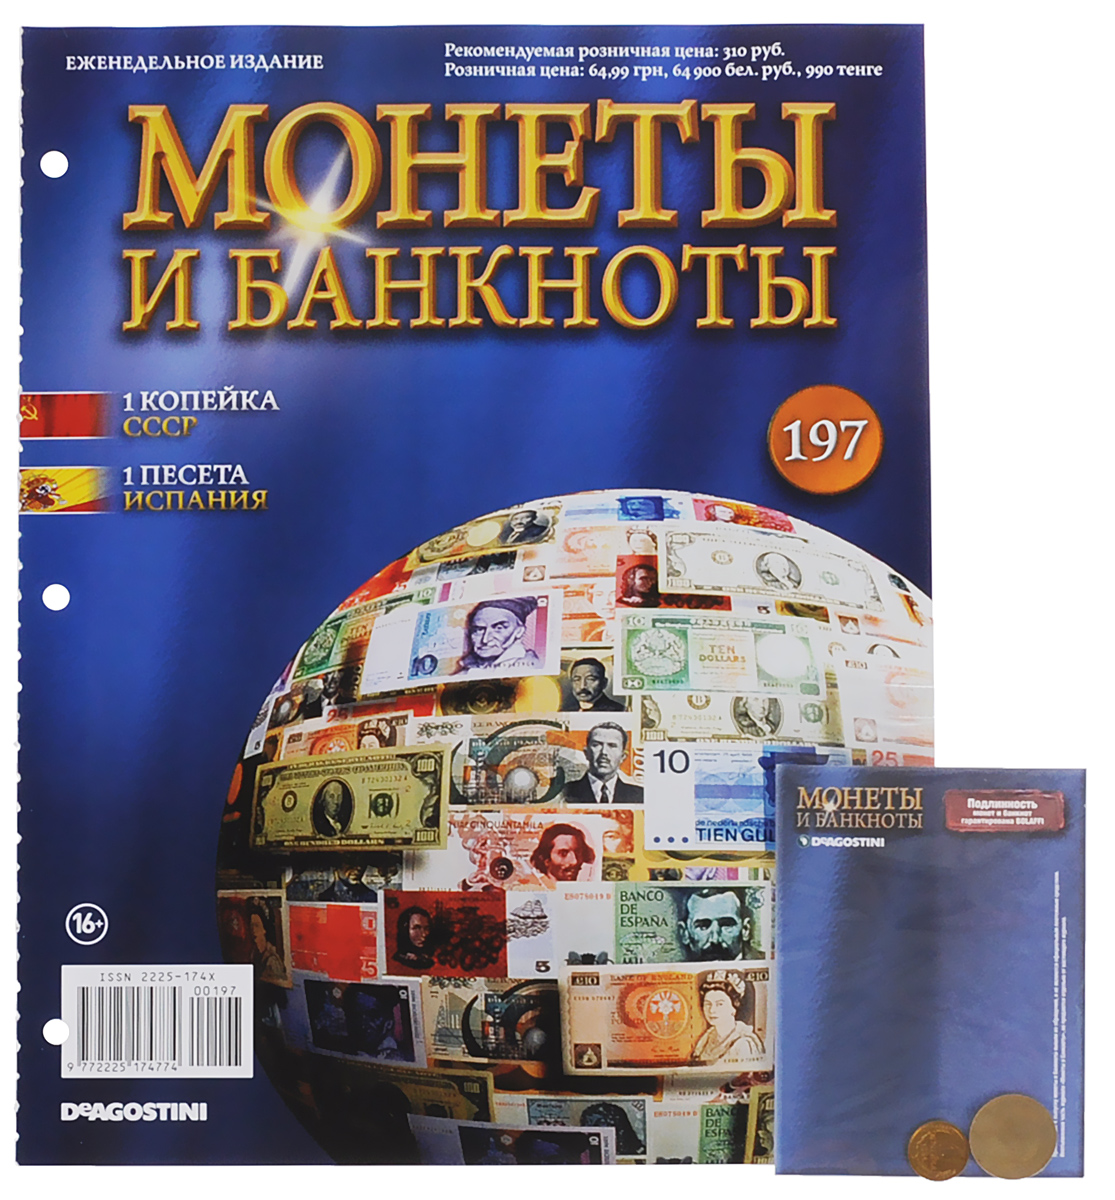 Журнал Монеты и банкноты №197 журнал монеты и банкноты 161